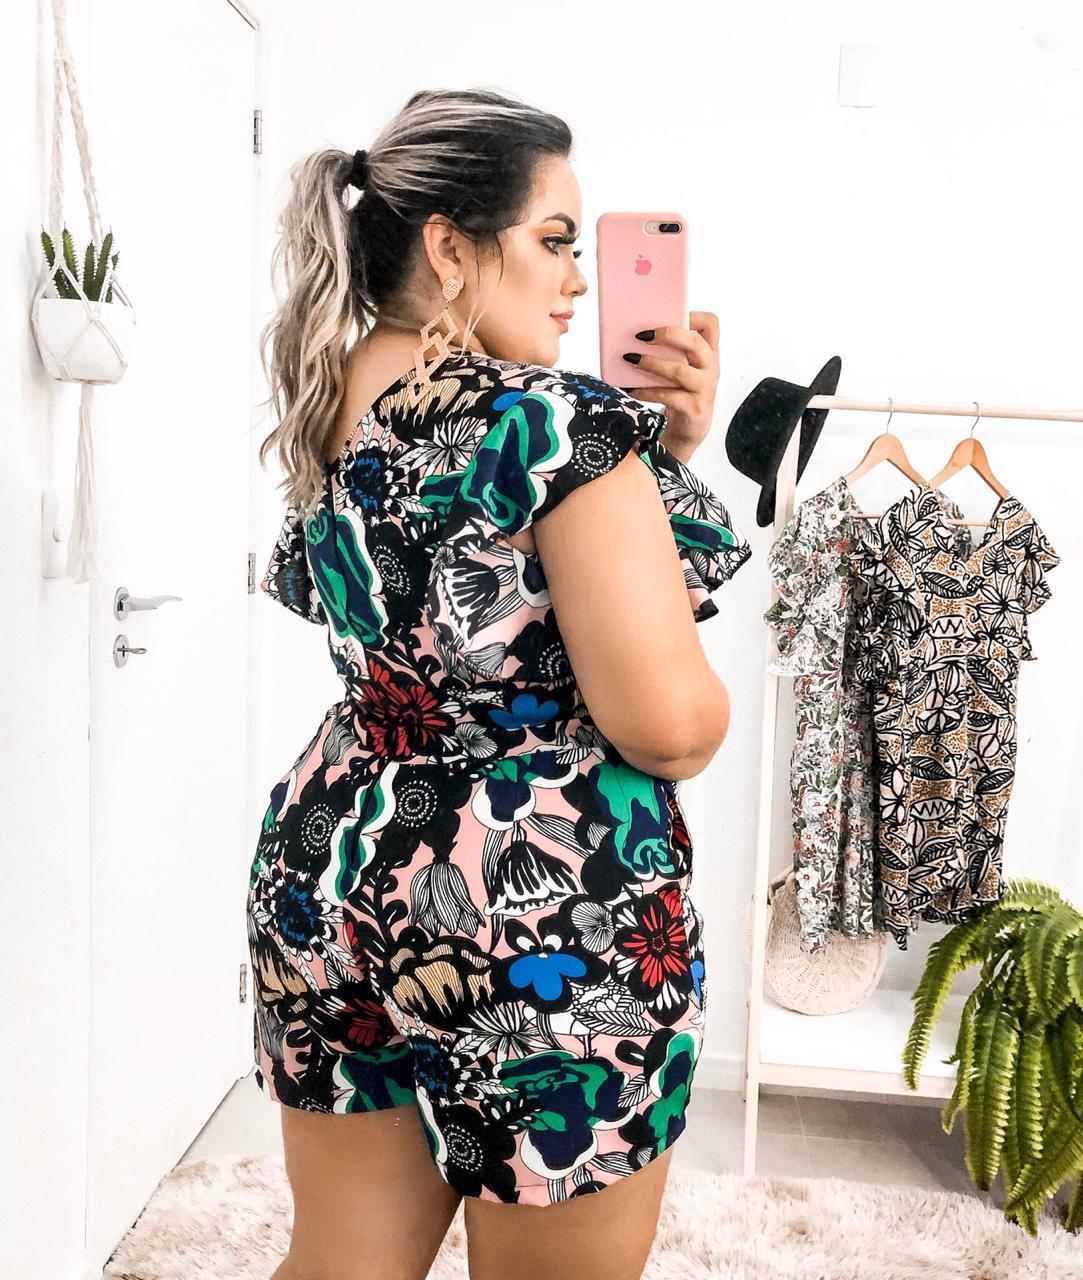 70e078528 Macaquinho Plus Size Lindo Estampado Moda Roupas Femininas - Bellucy modas  R$ 79,00 à vista. Adicionar à sacola